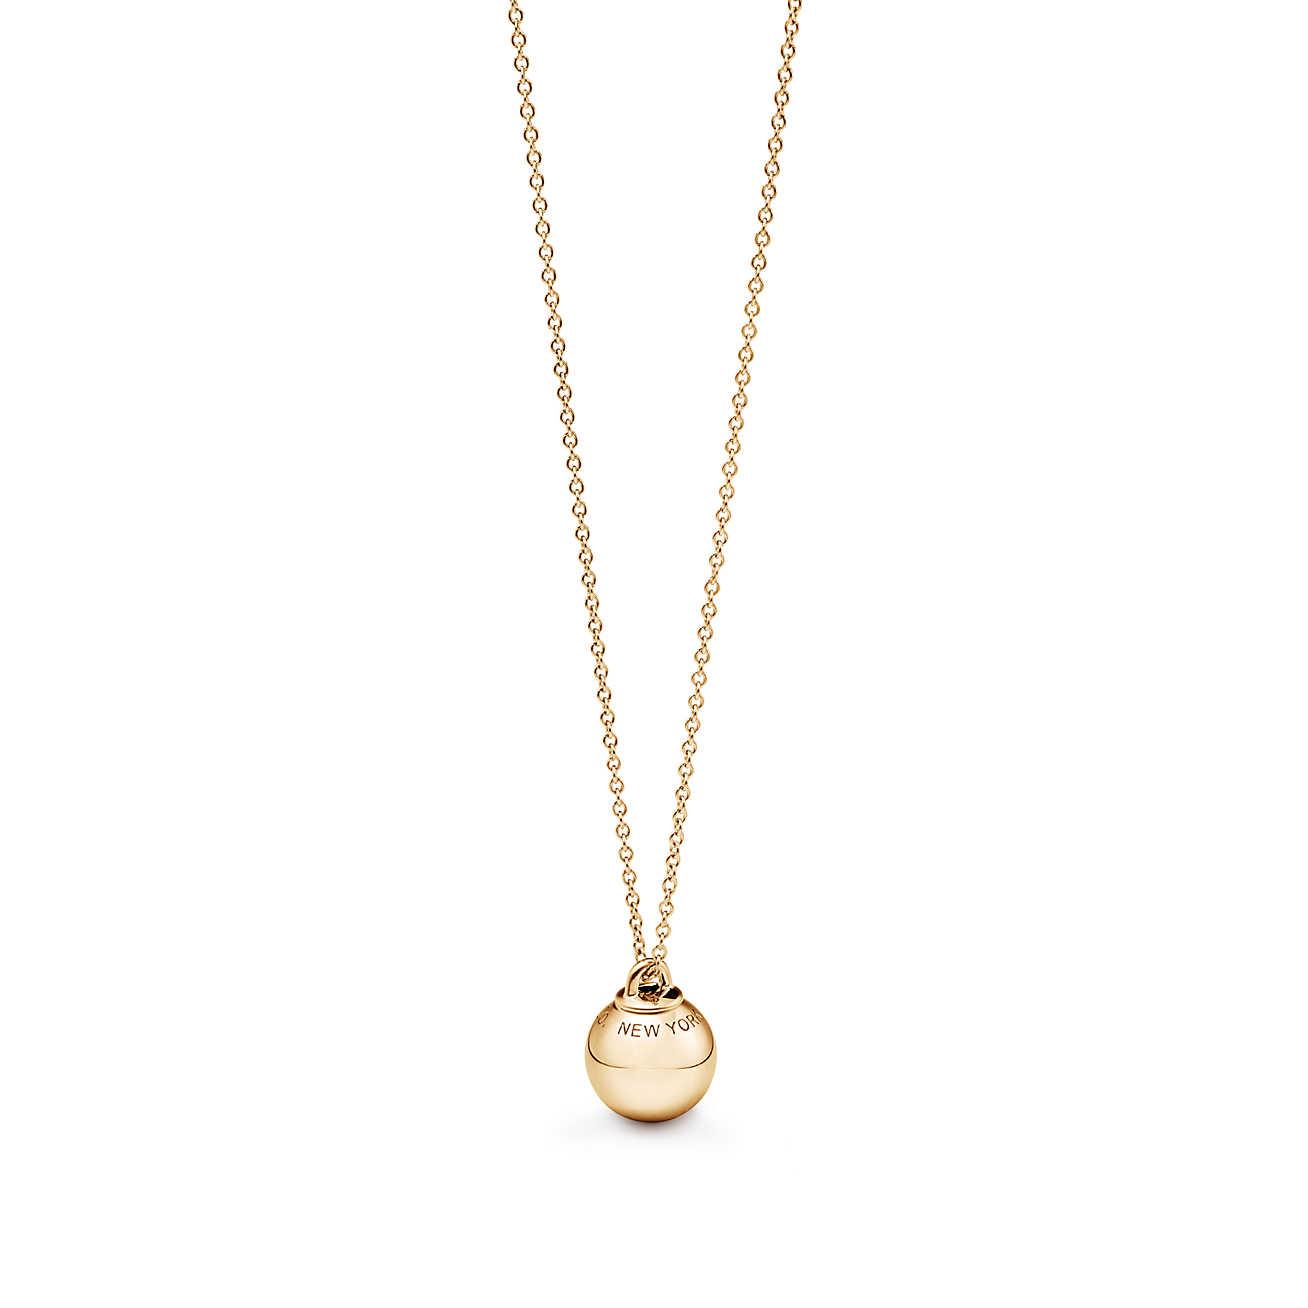 tiffany-hardwearball-pendant-38172786_1010536_AV_1